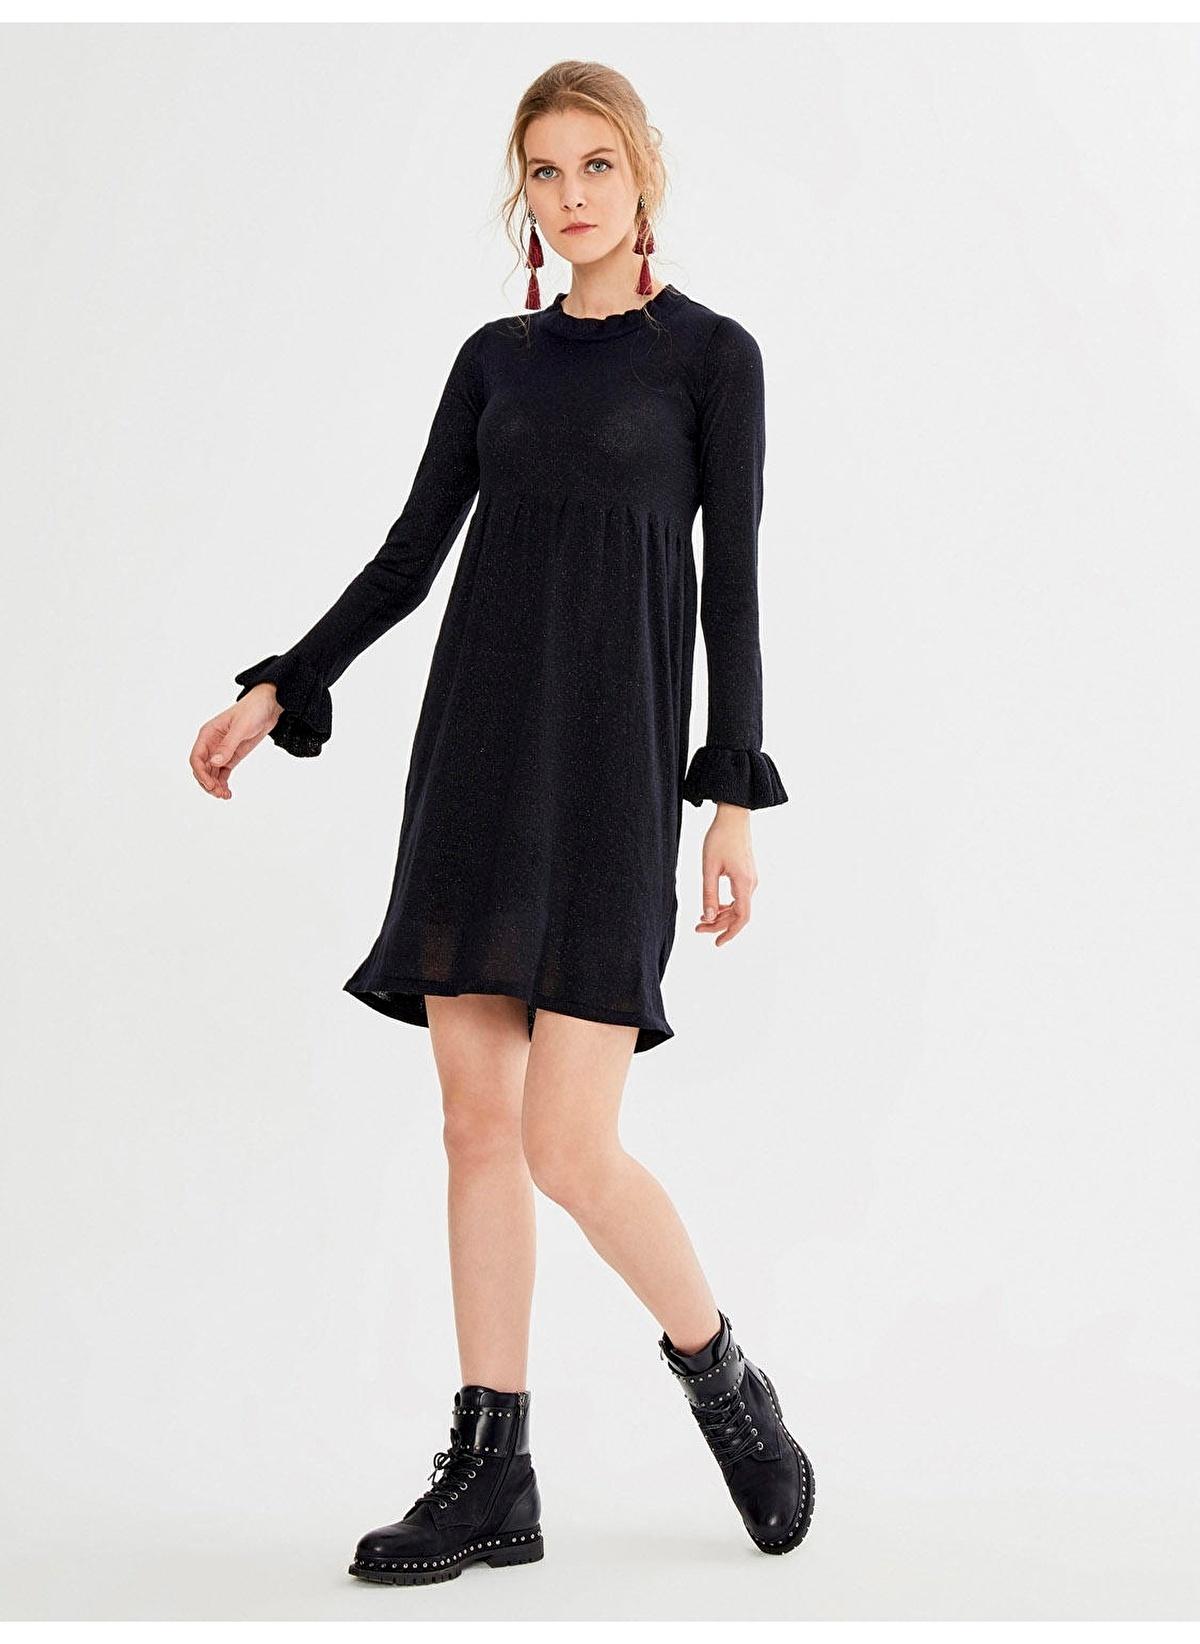 ef255fbf3175a Xint Kadın Dik Yaka Fransız Kol Mini Elbise Siyah. İndirimli Fiyat ...